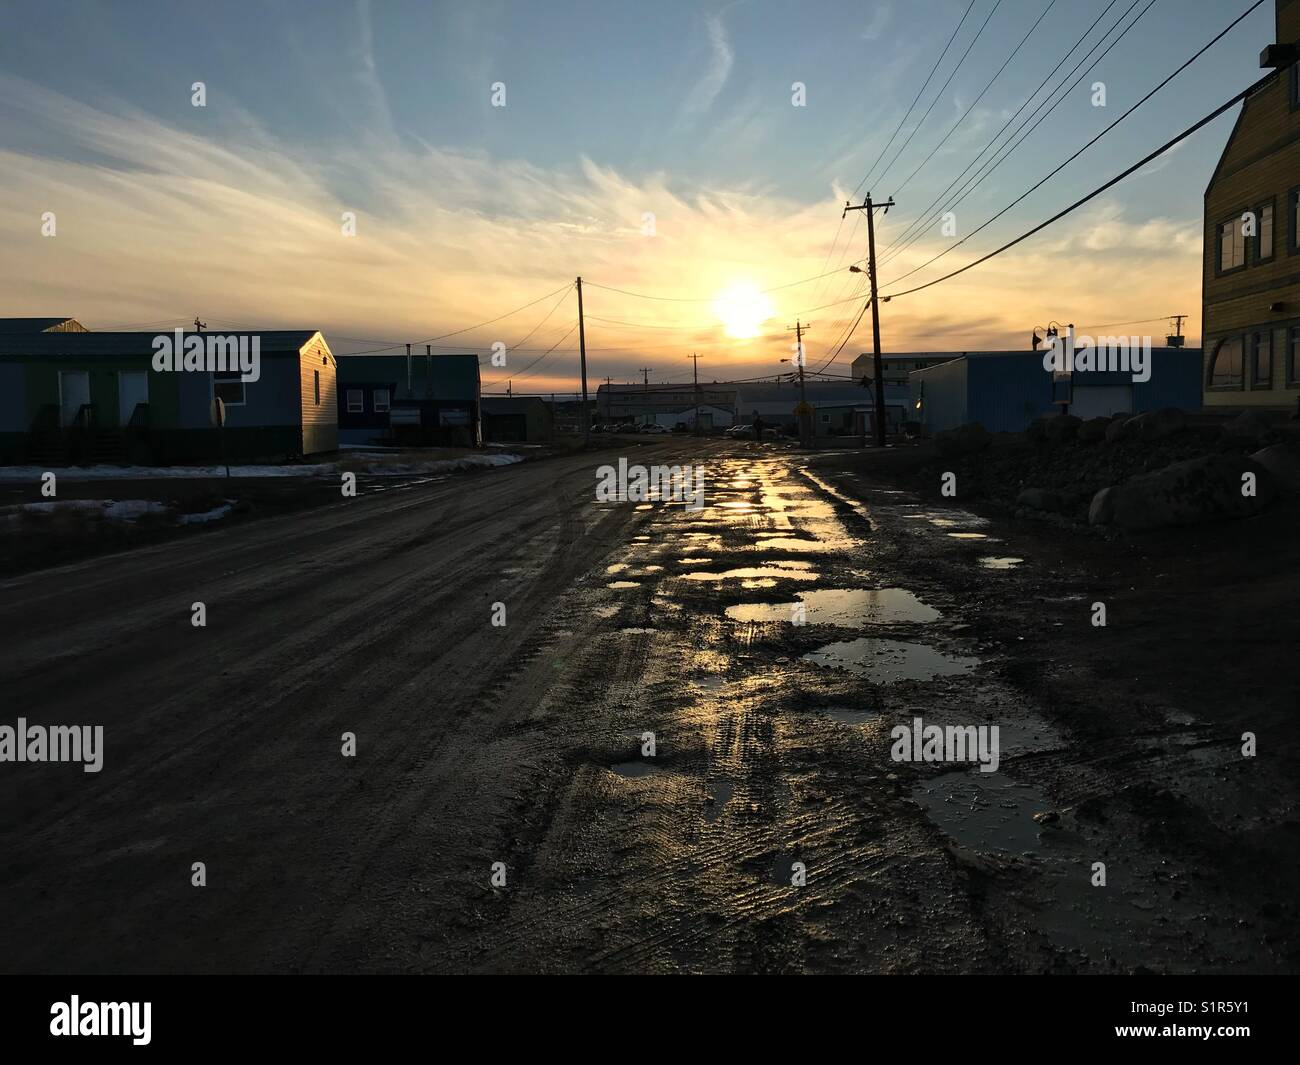 Sunset shine on potholes on dirt road, Iqaluit, Nunavut, Canada - Stock Image